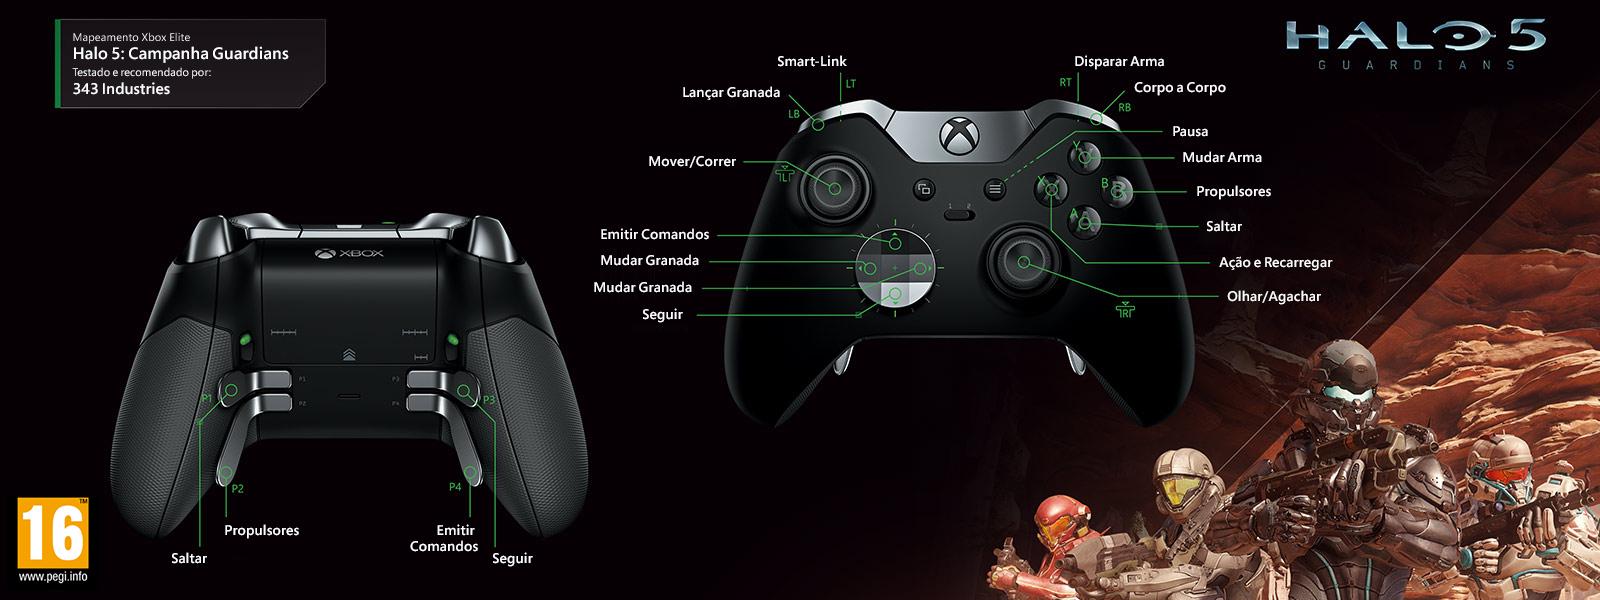 Mapeamento Elite para Halo 5 – Guardians Campaign